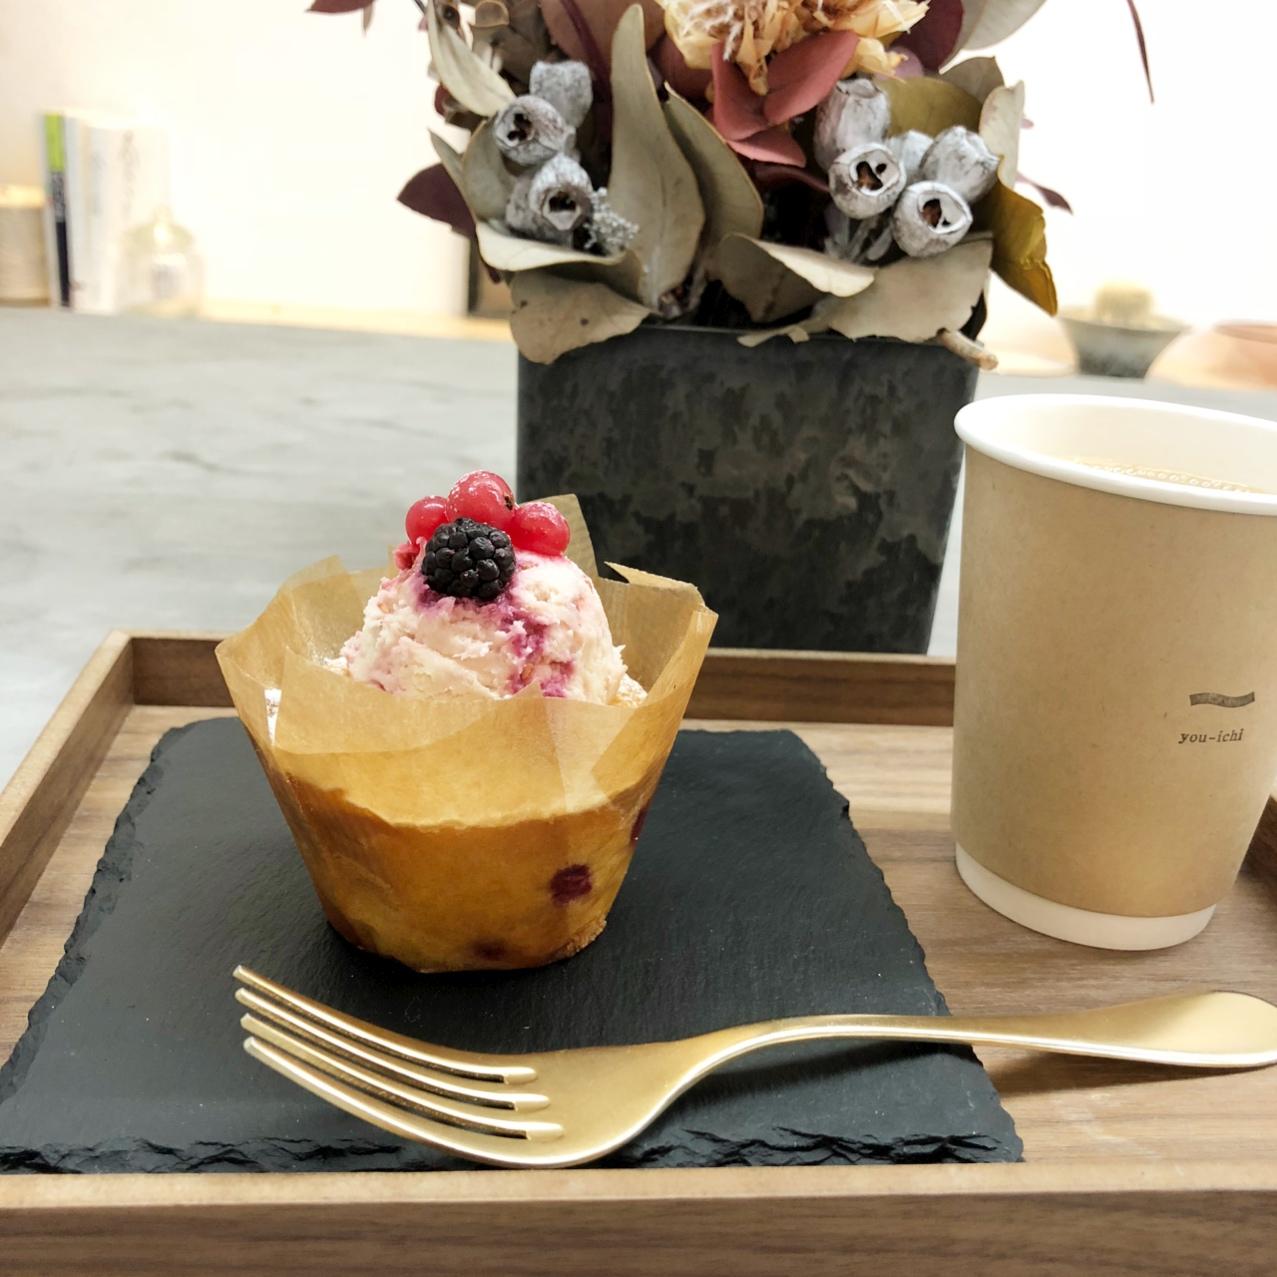 観光の休憩に立ち寄りたい!広島のおしゃれカフェ ♡『 you-ichi GLUE  』のおいしいジャムと焼き菓子♡ _8